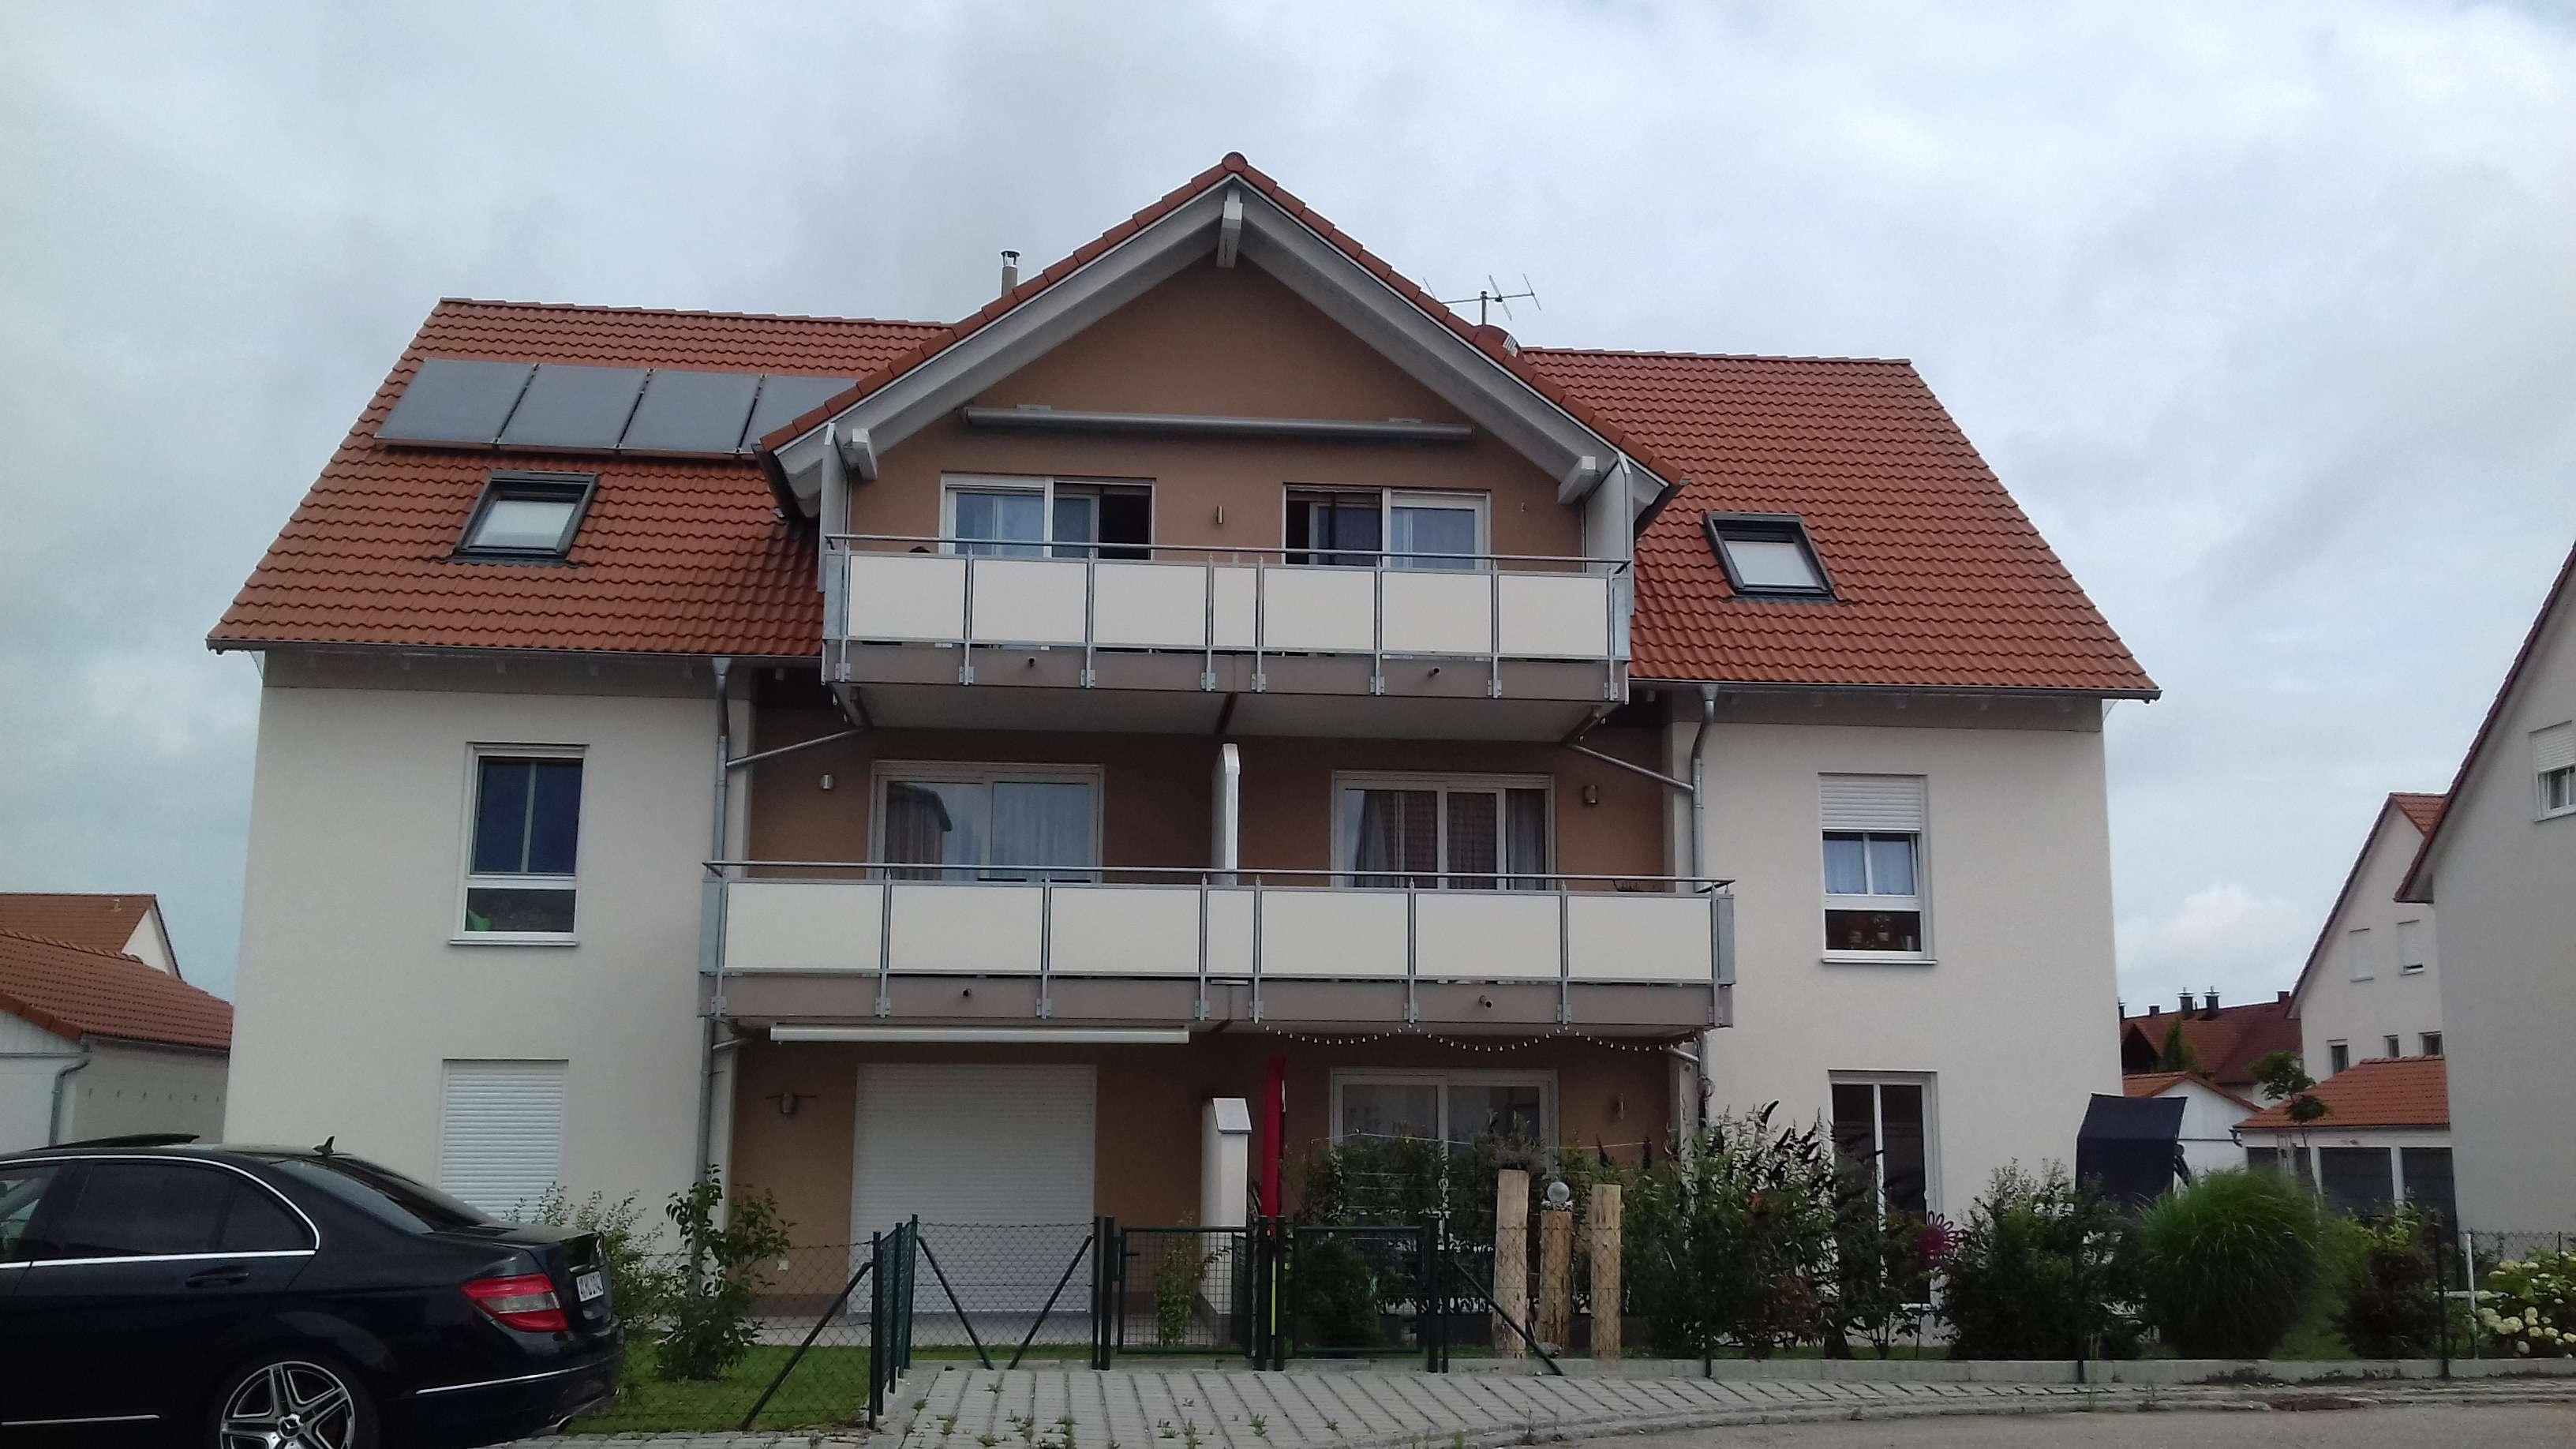 Schöne barrierefreie 3 Zimmer Wohnung in  Langweid am Lech, Augsburg (Kreis)